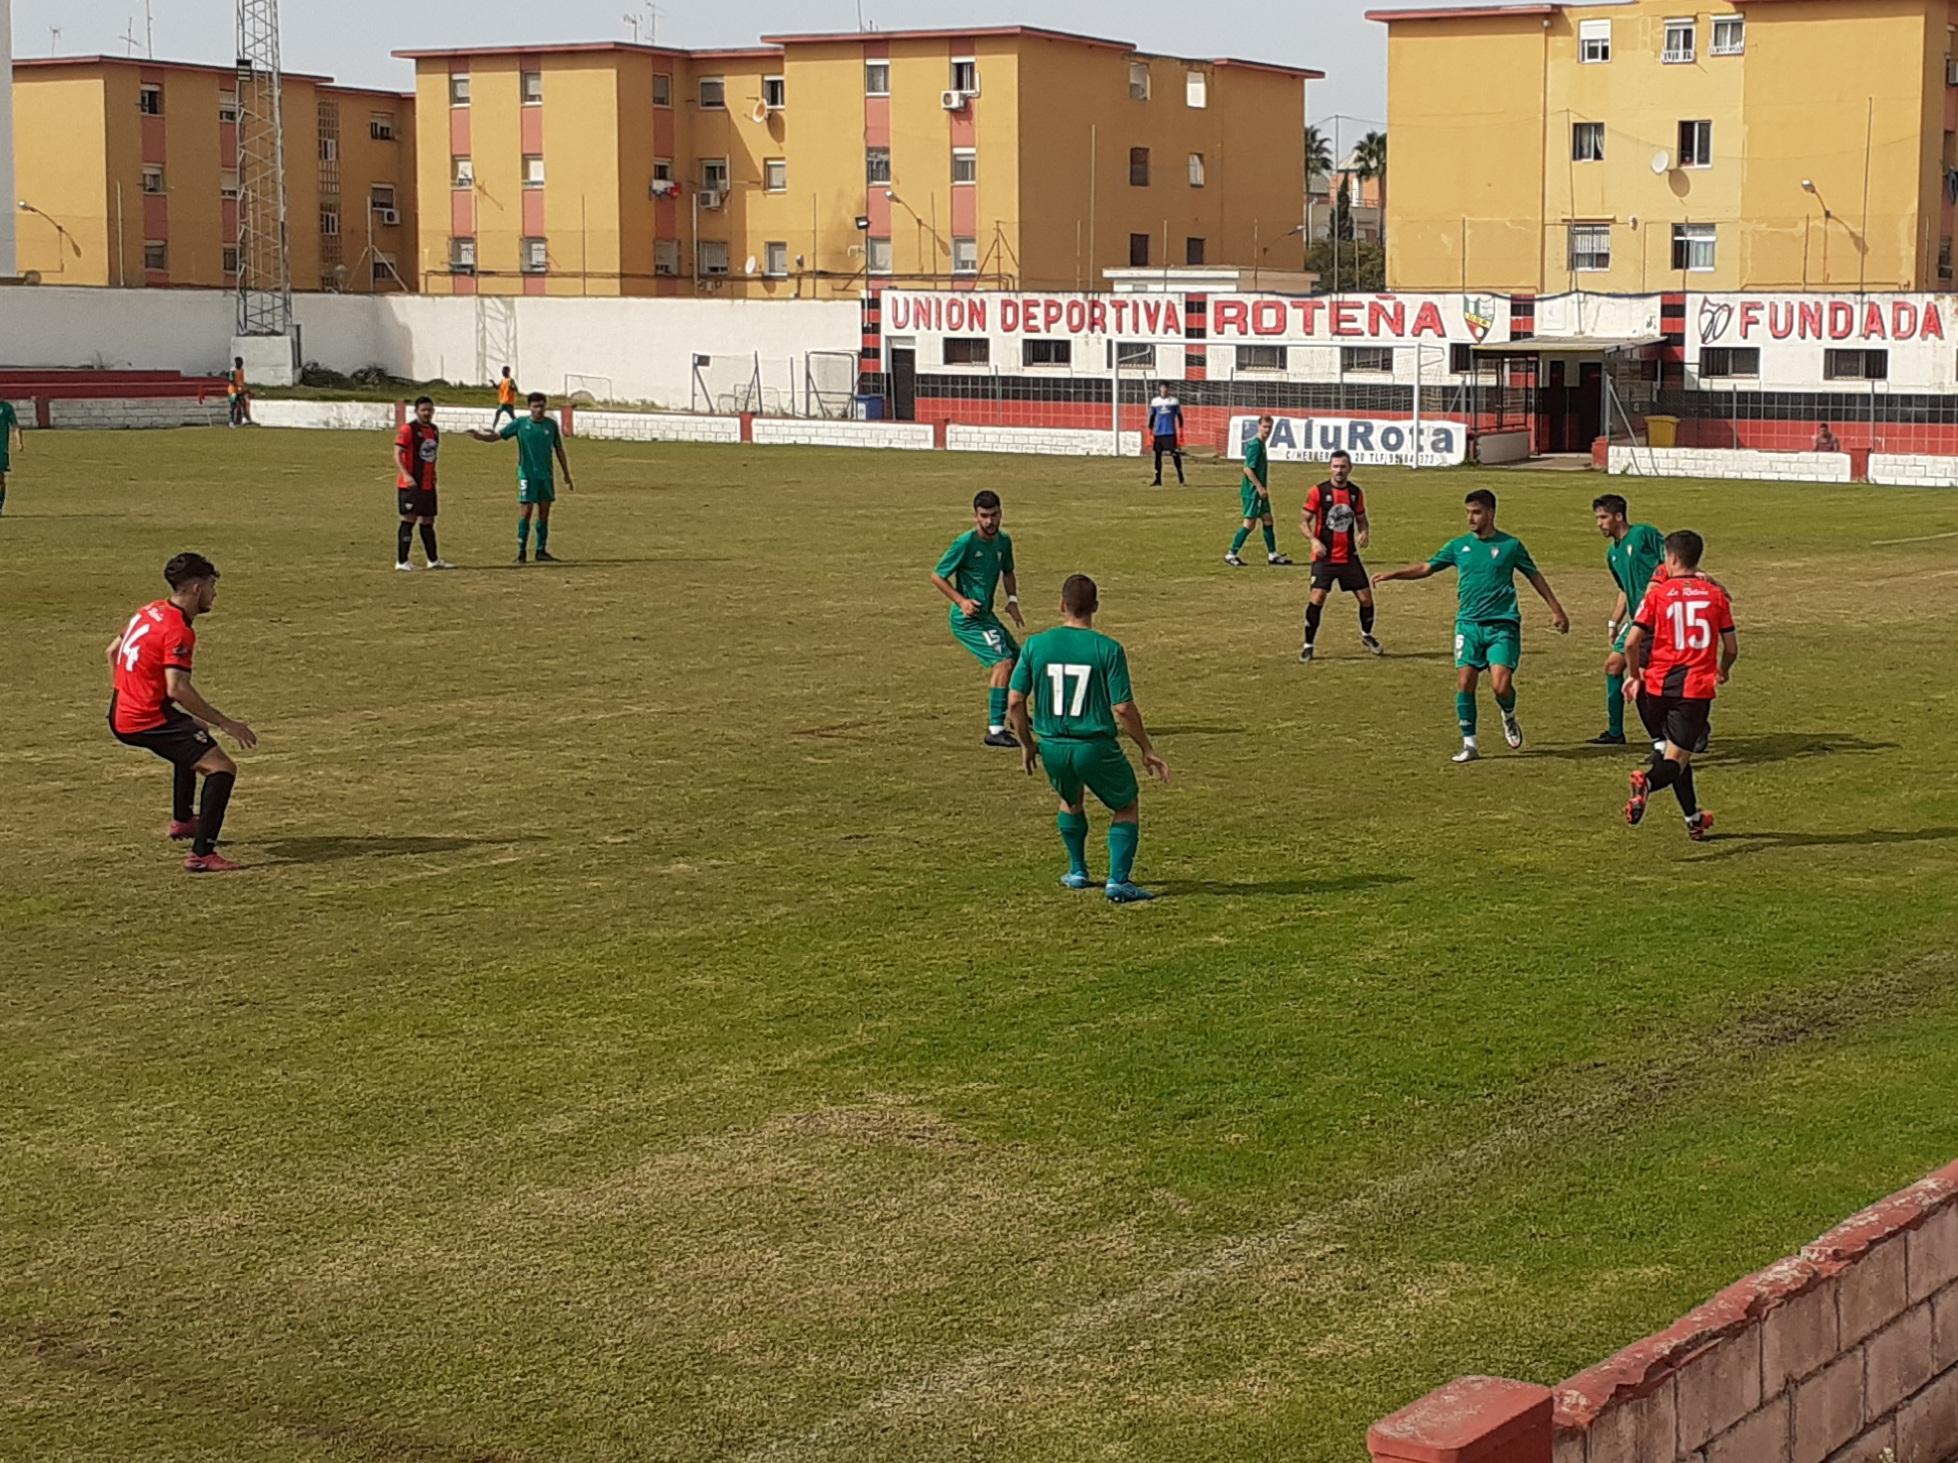 El filial isleño se llevó los tres puntos del Manuel Bernal Sánchez-Romero